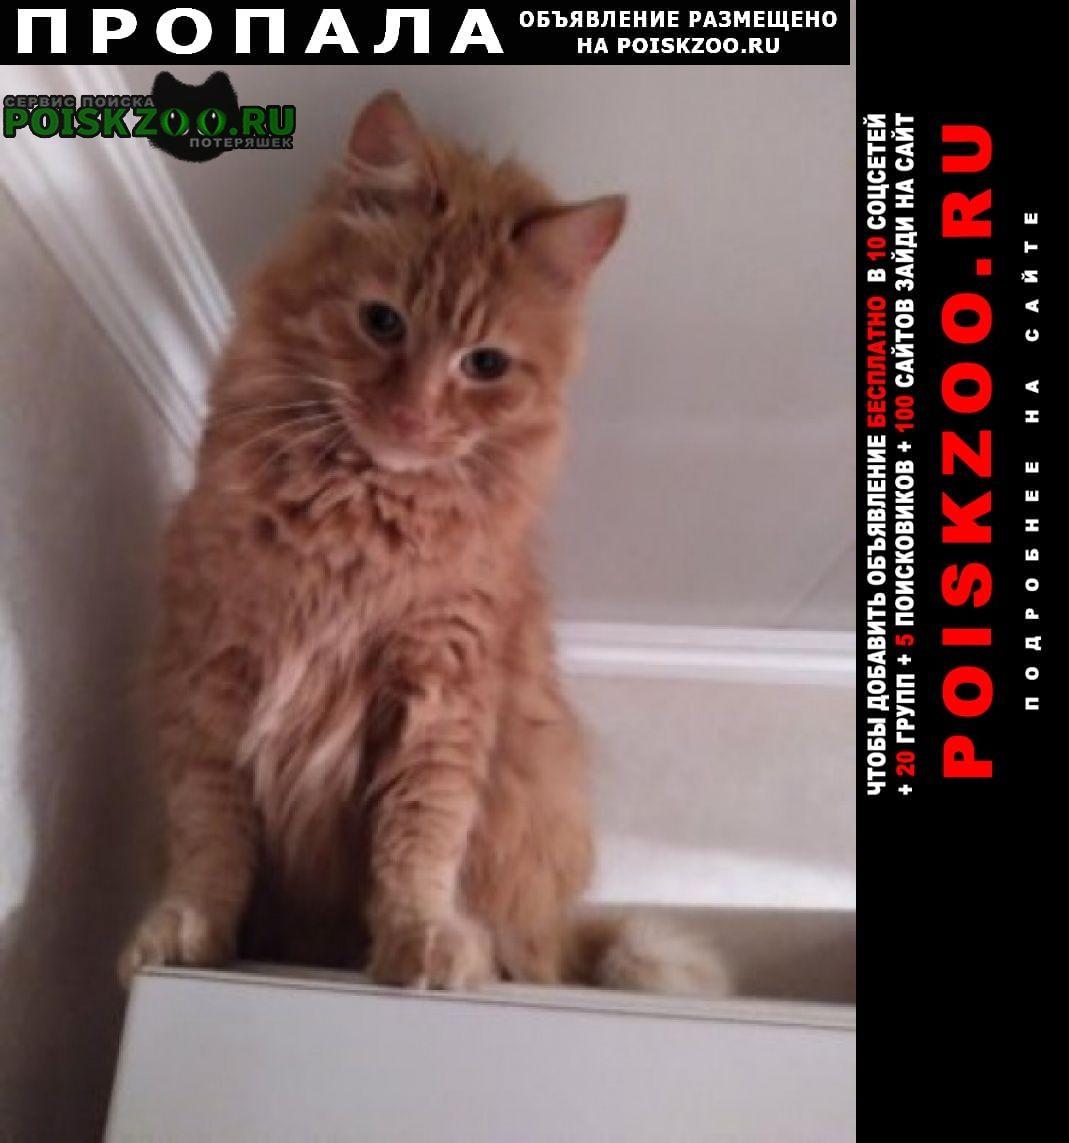 Калининград (Кенигсберг) Пропал кот 20 февраля по кличке лева